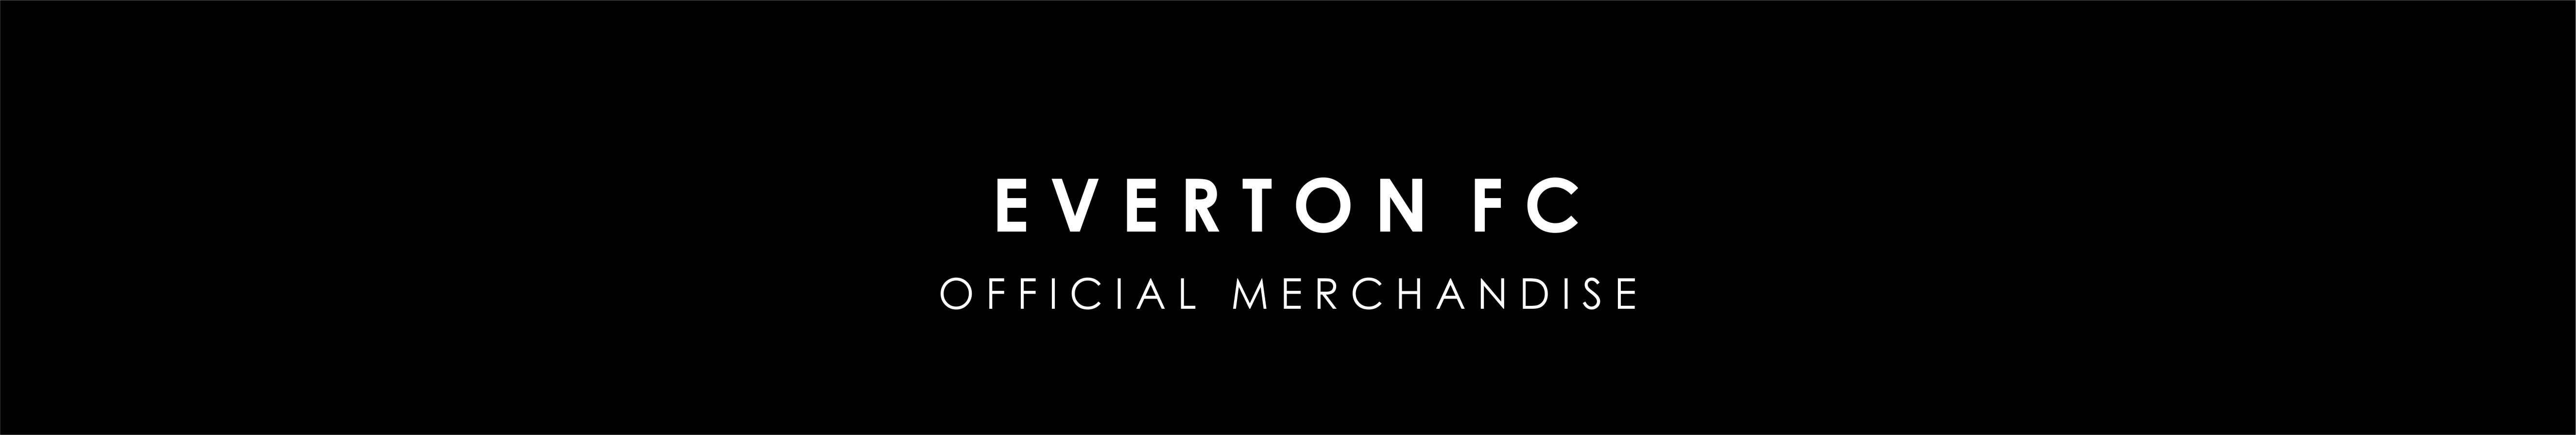 everton-fc-banner.jpg